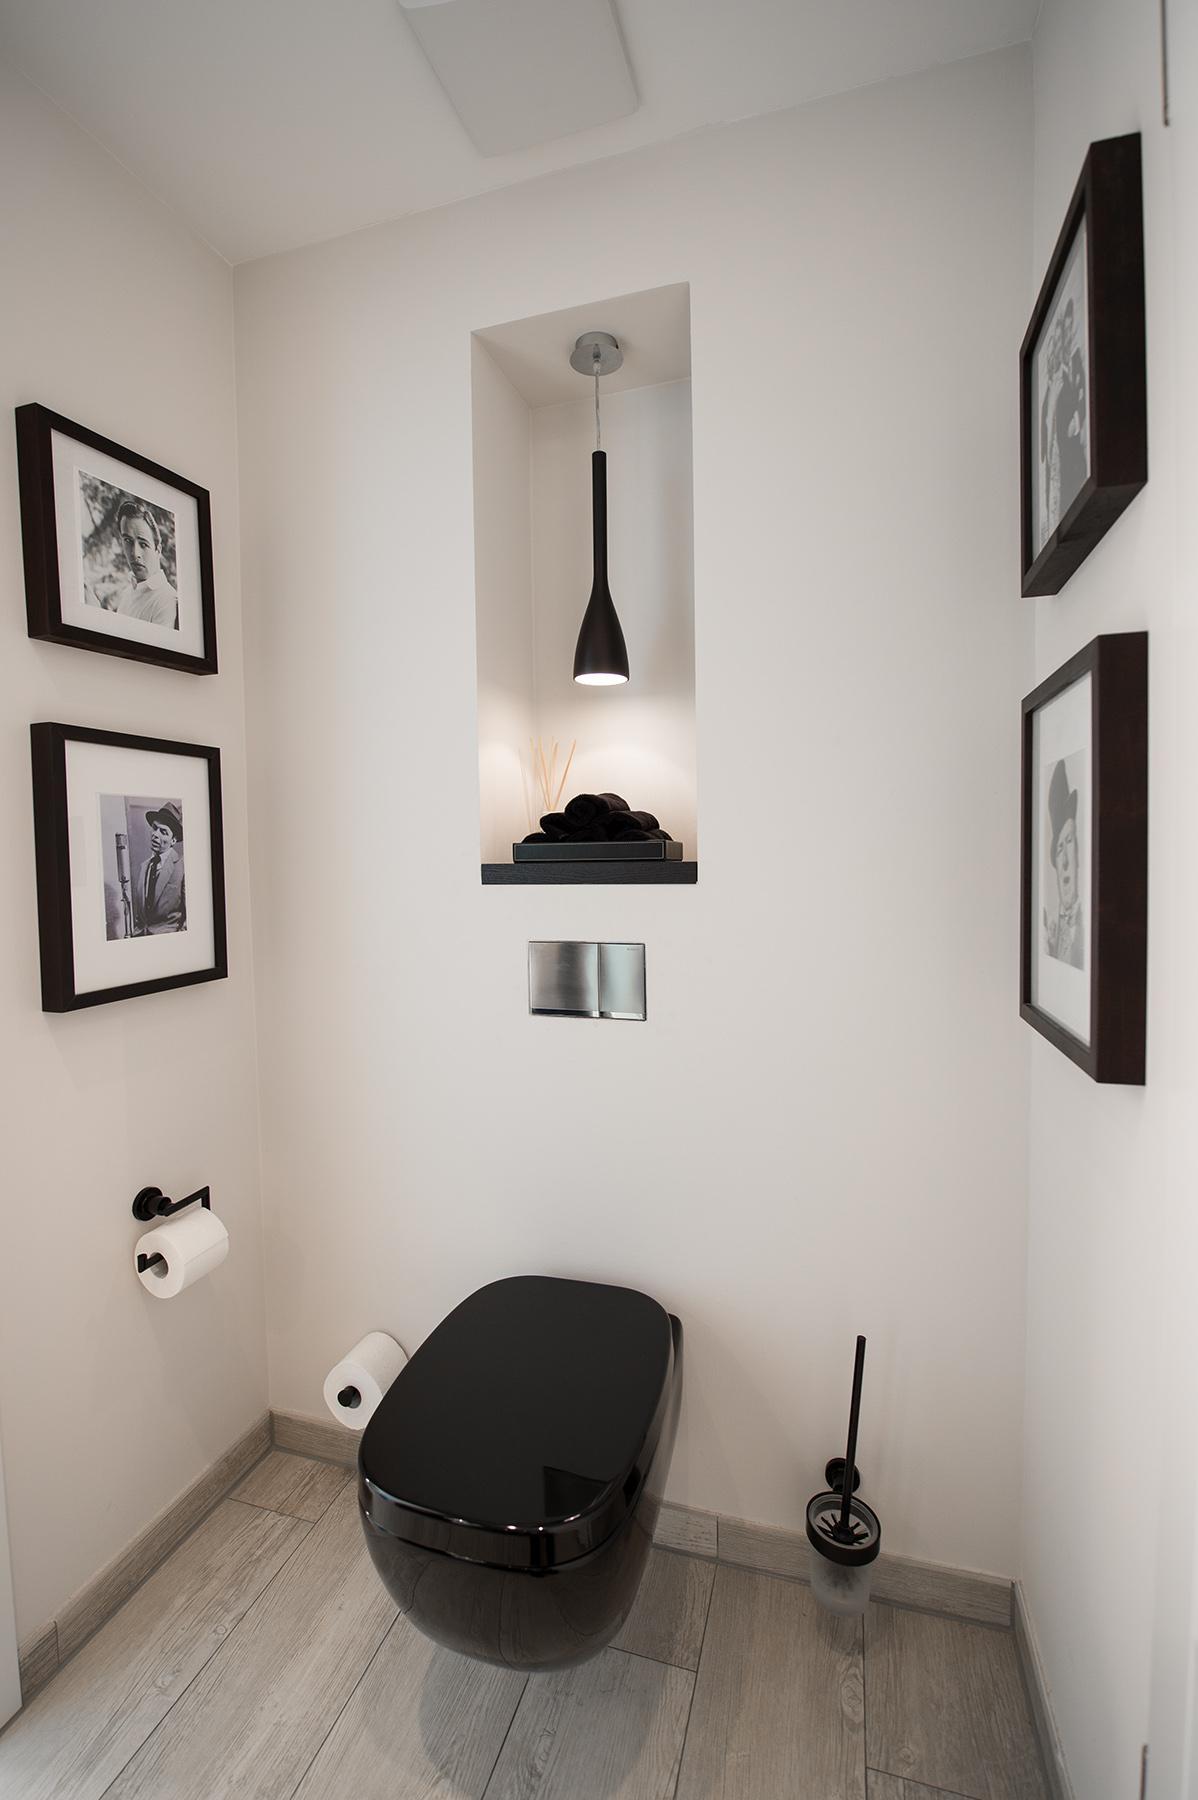 Dekoideen badezimmer - Lichtplanung badezimmer ...